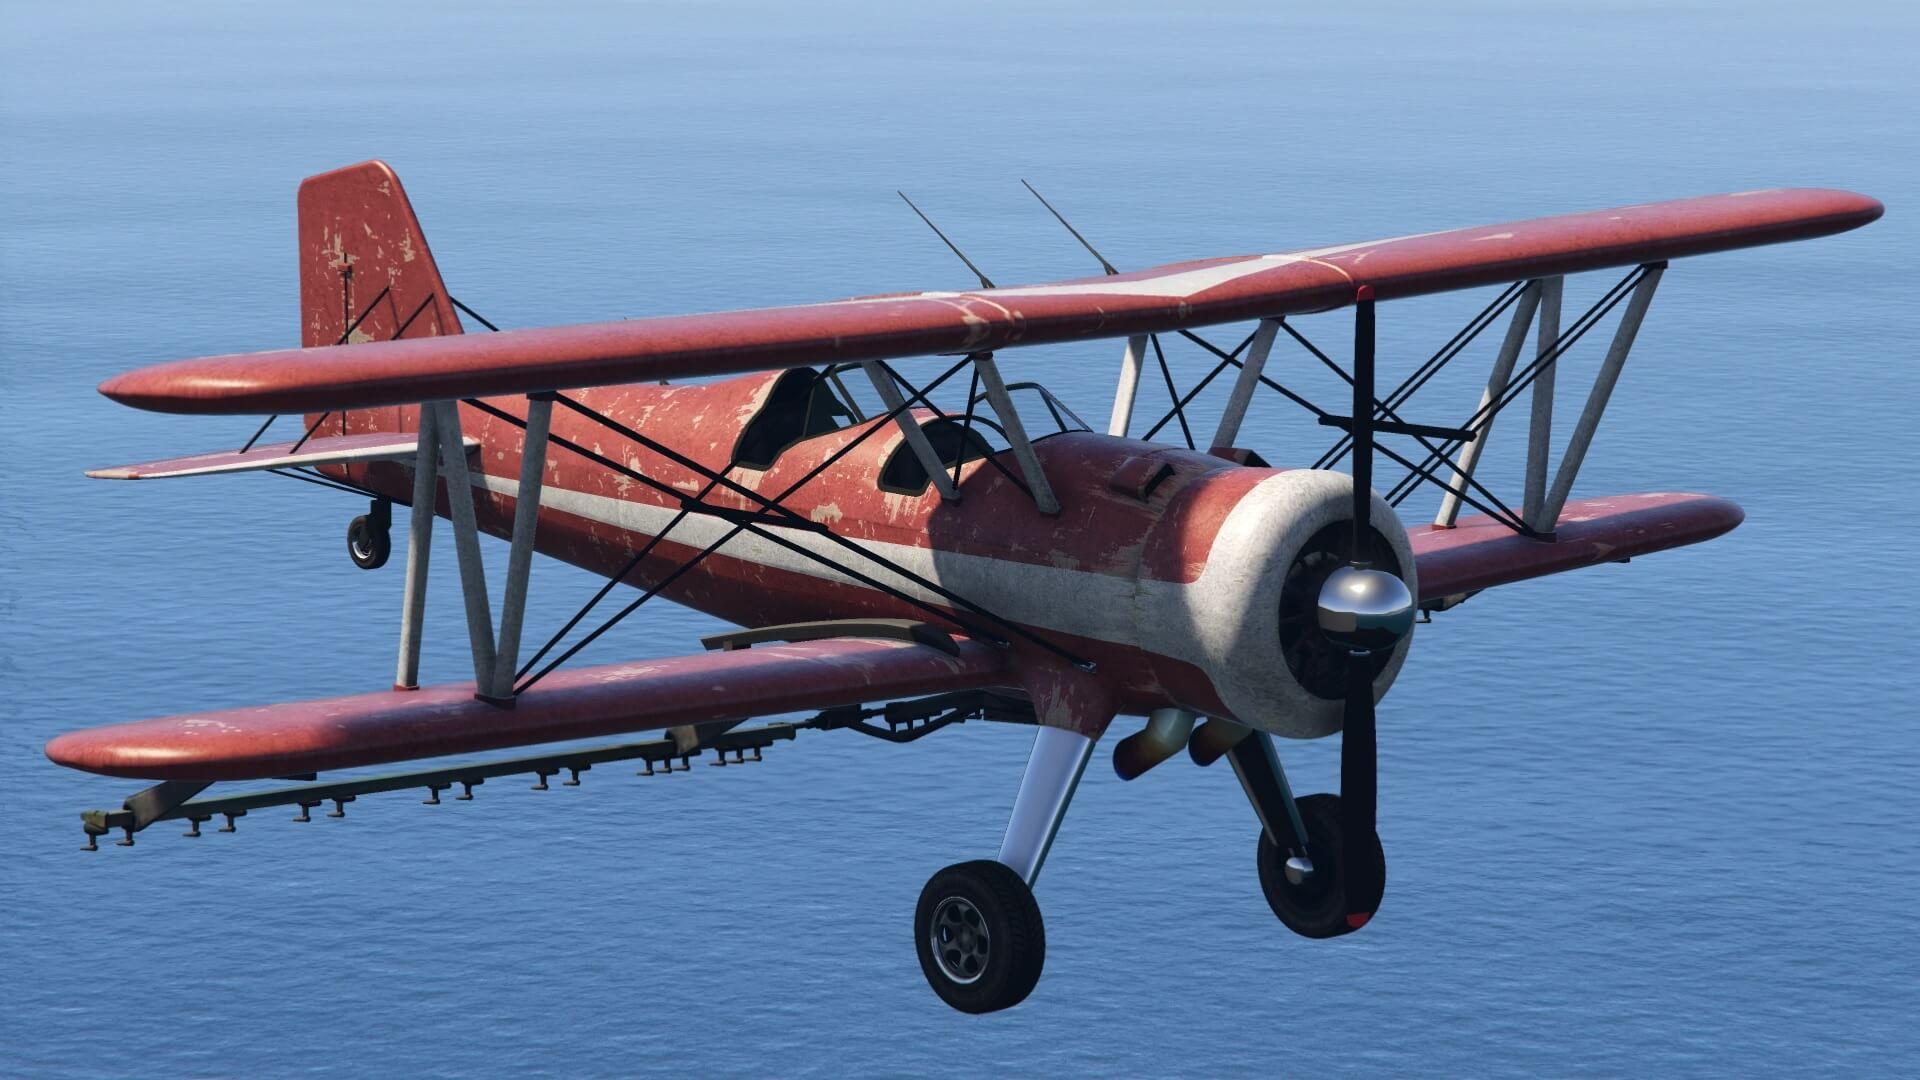 flying Duster plane